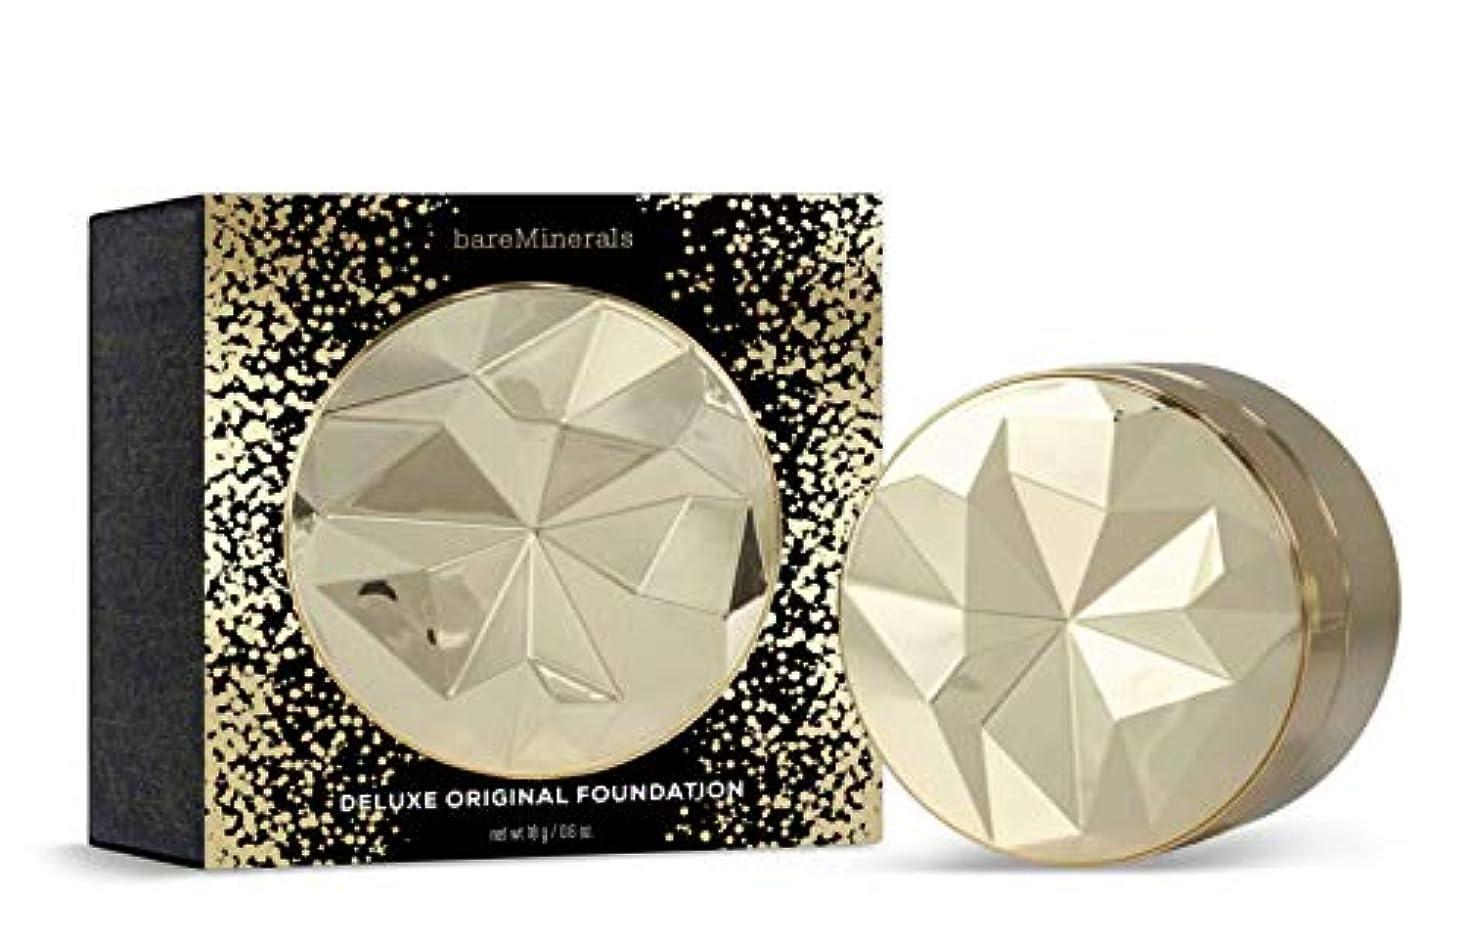 こだわりブースロバベアミネラル Collector's Edition Deluxe Original Foundation Broad Spectrum SPF 15 - # Medium Tan 18g/0.6oz並行輸入品